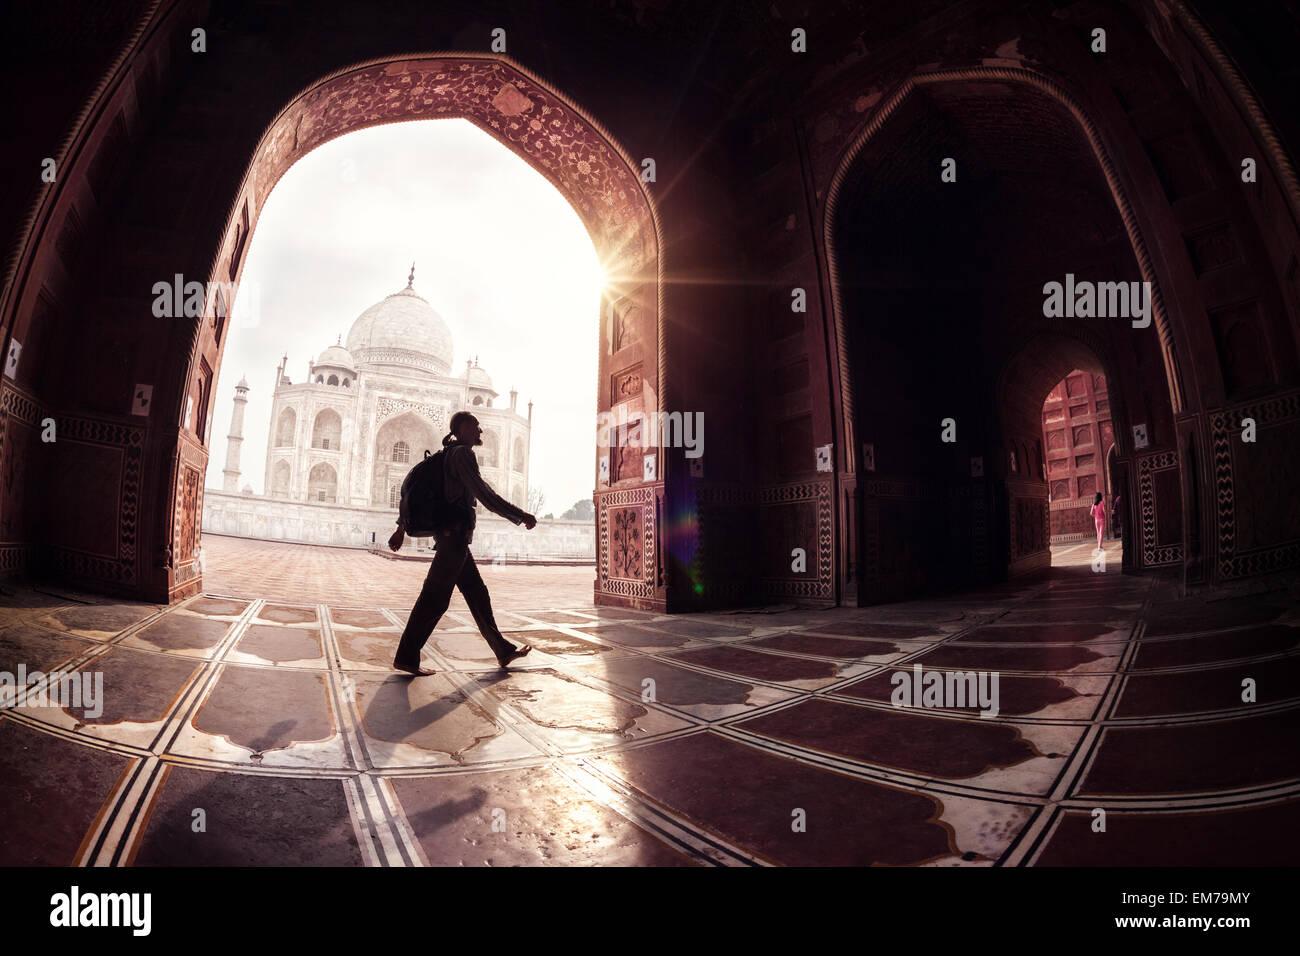 Turista con mochila caminando en la mezquita arch cerca del Taj Mahal en Agra, Uttar Pradesh, India Imagen De Stock